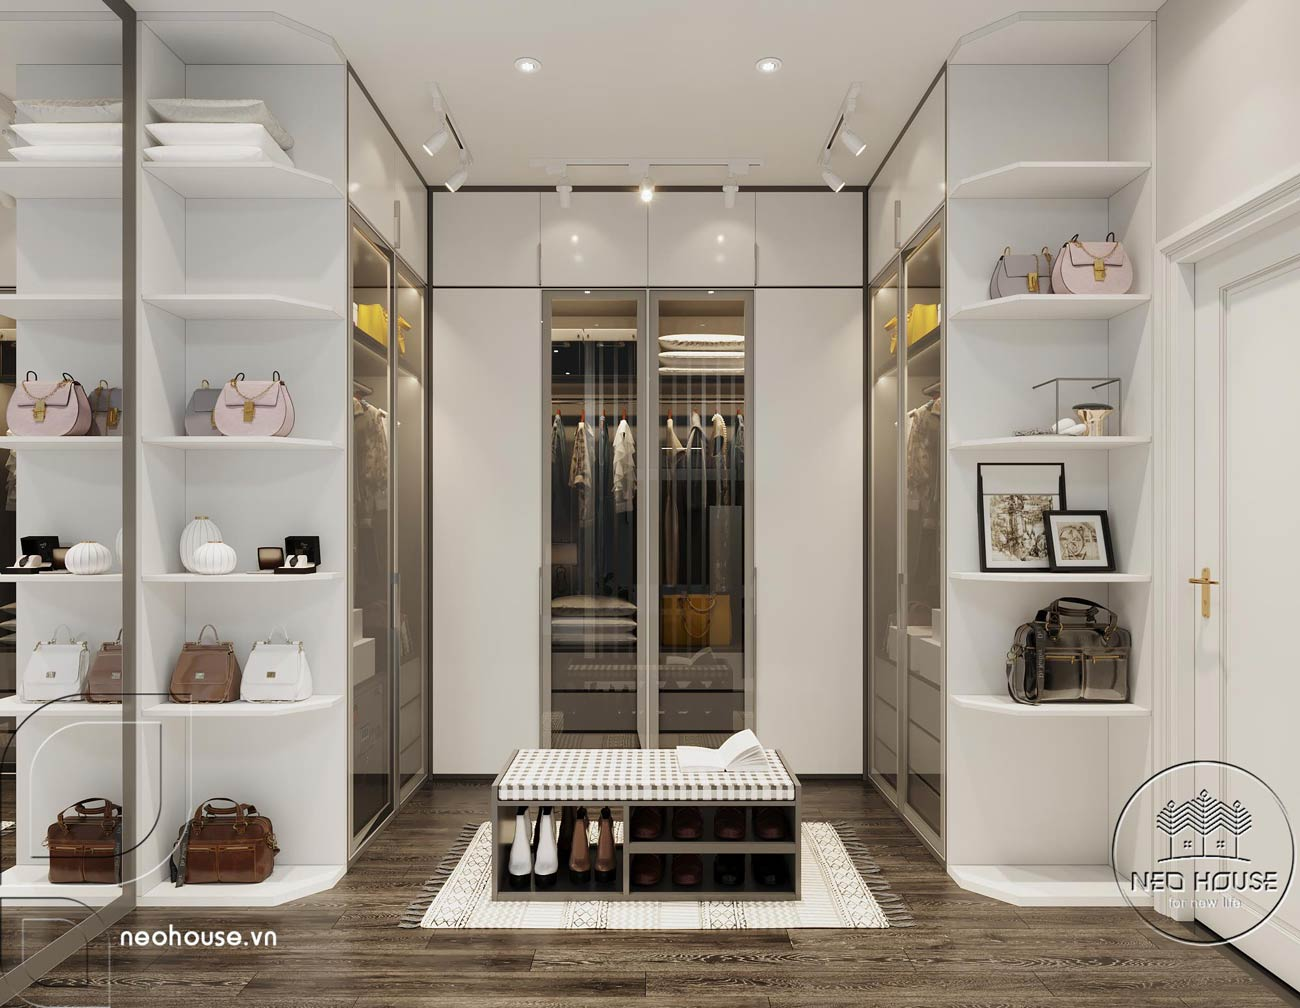 Phối cảnh thiết kế nội thất biệt thự tân cổ điển đẹp 4 tầng cho phòng ngủ Master 01. Ảnh 4